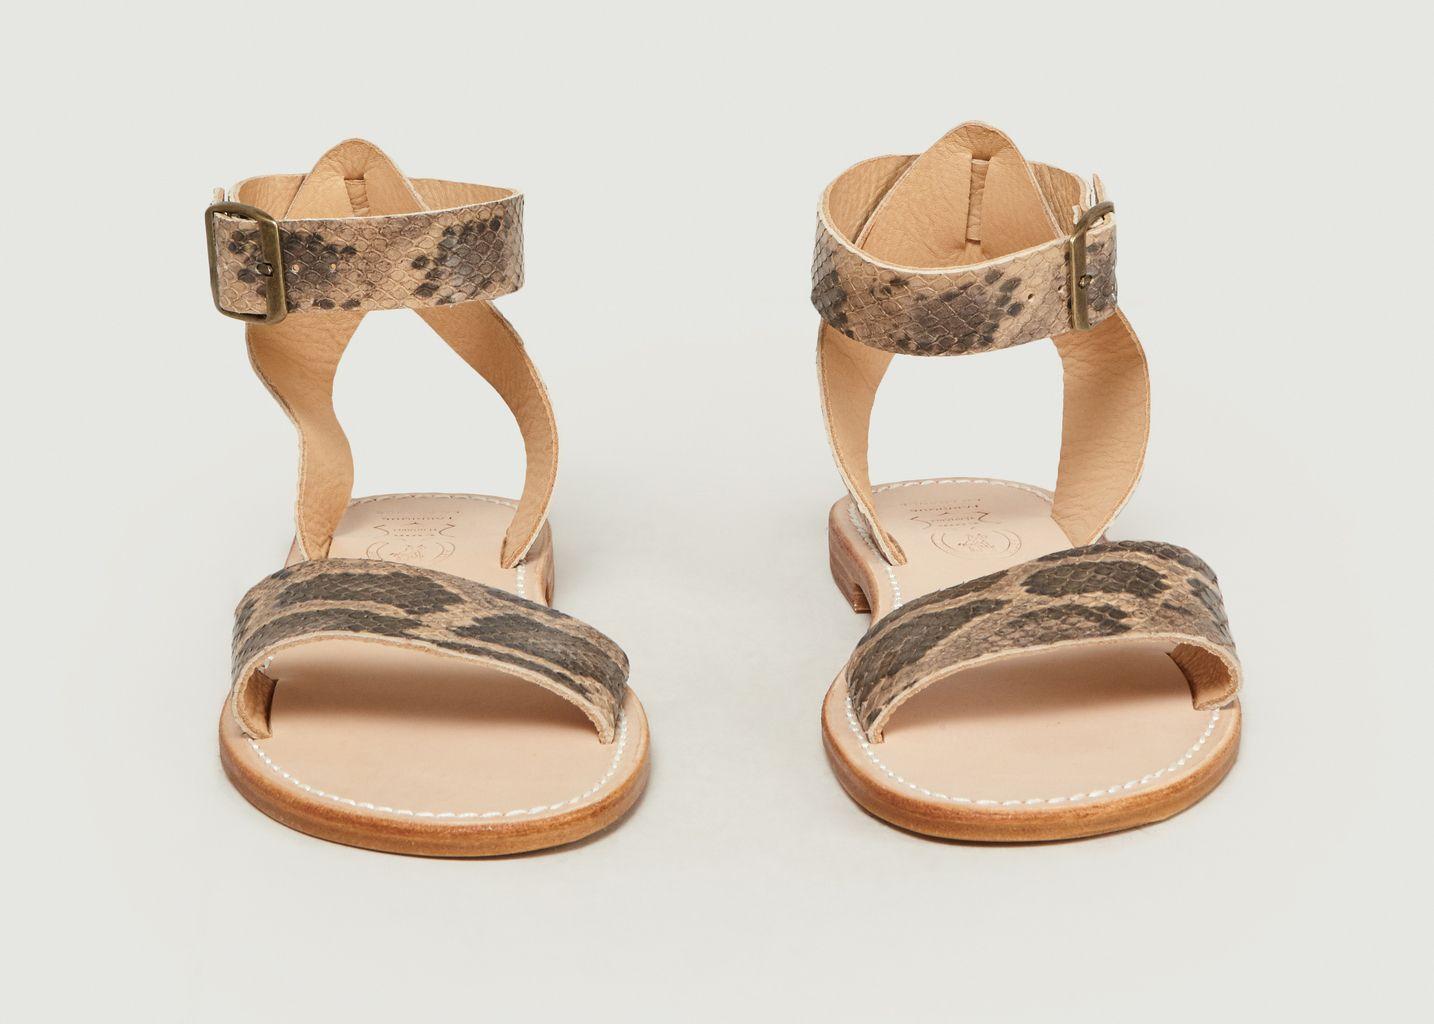 Sandales Mage Python - La Botte Gardiane